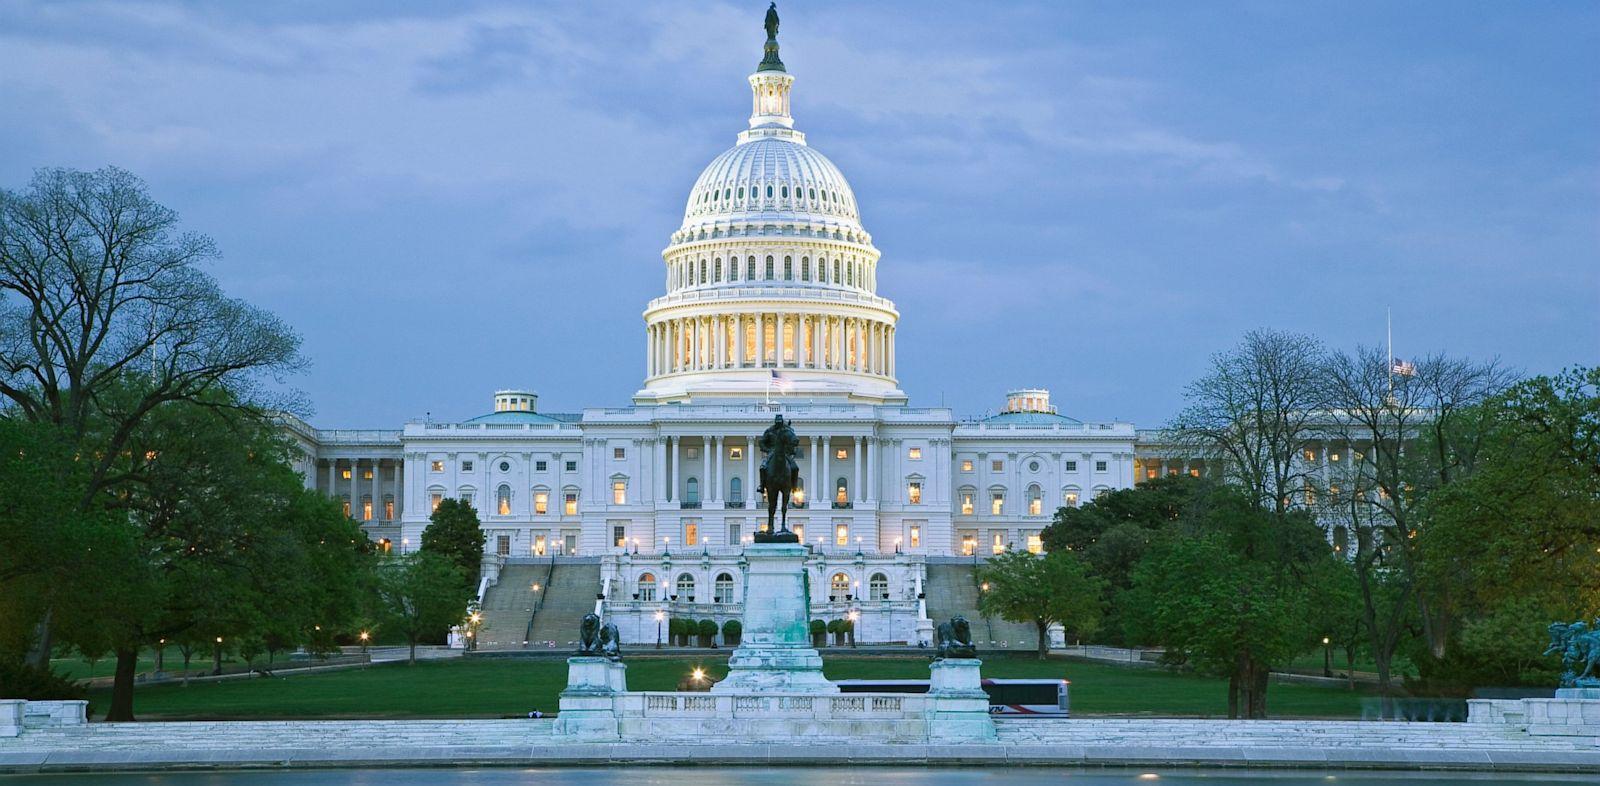 مجلس الشيوخ الأمريكي يتوصل إلى اتفاق بشأن DACA